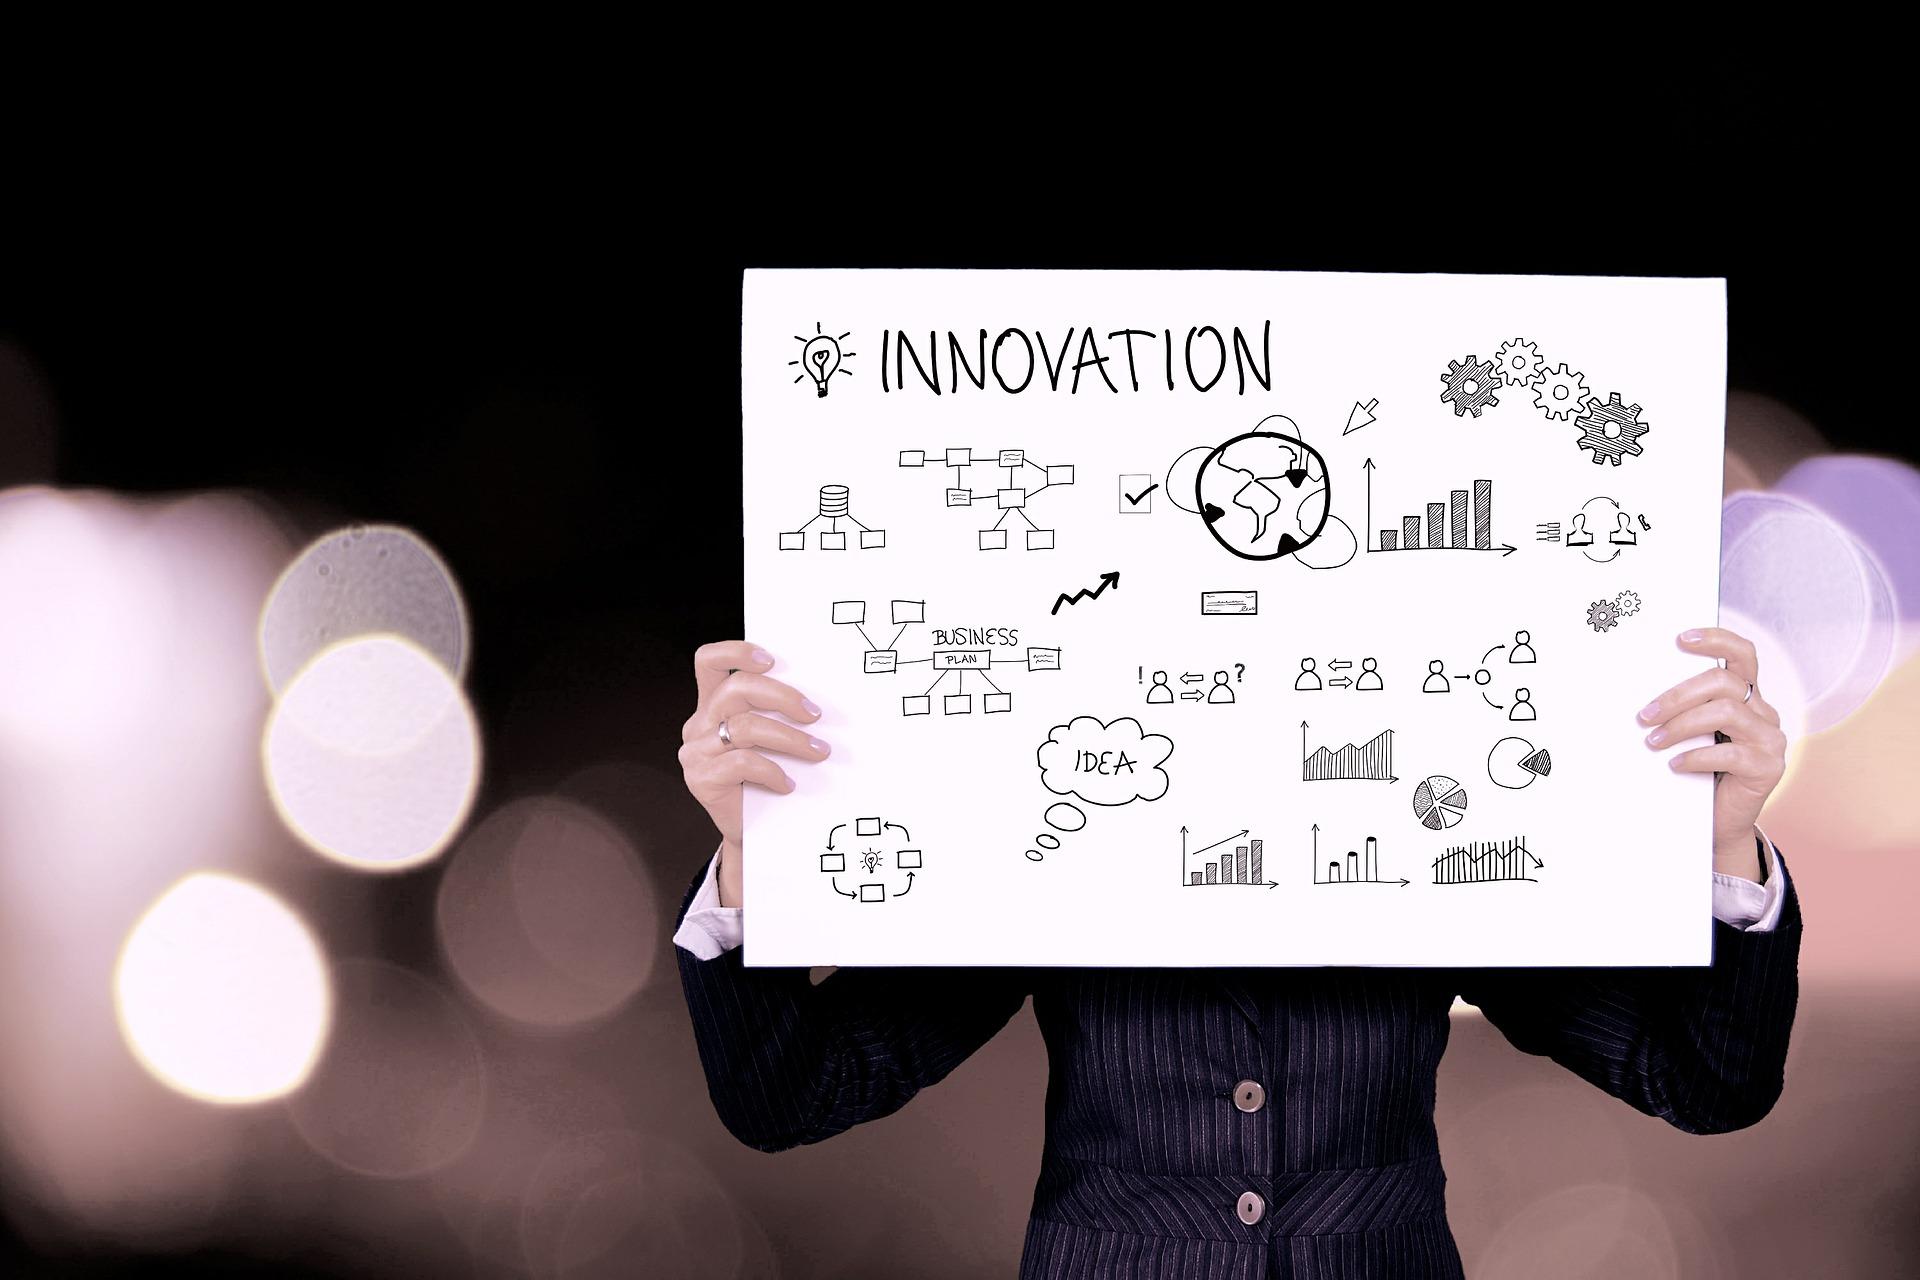 innovation-561388_1920.jpg